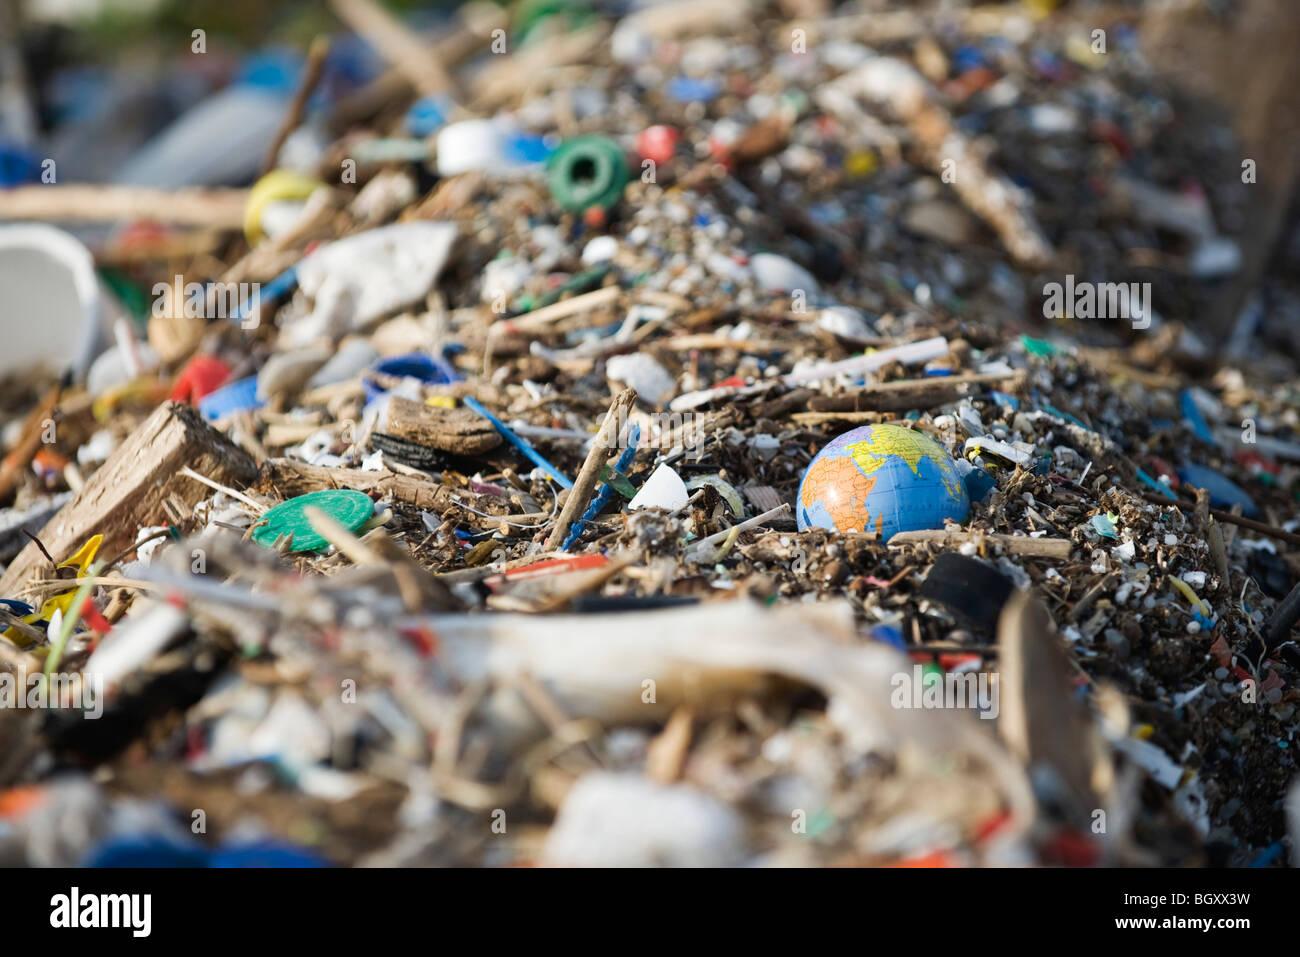 Globe in midst of landfill trash - Stock Image